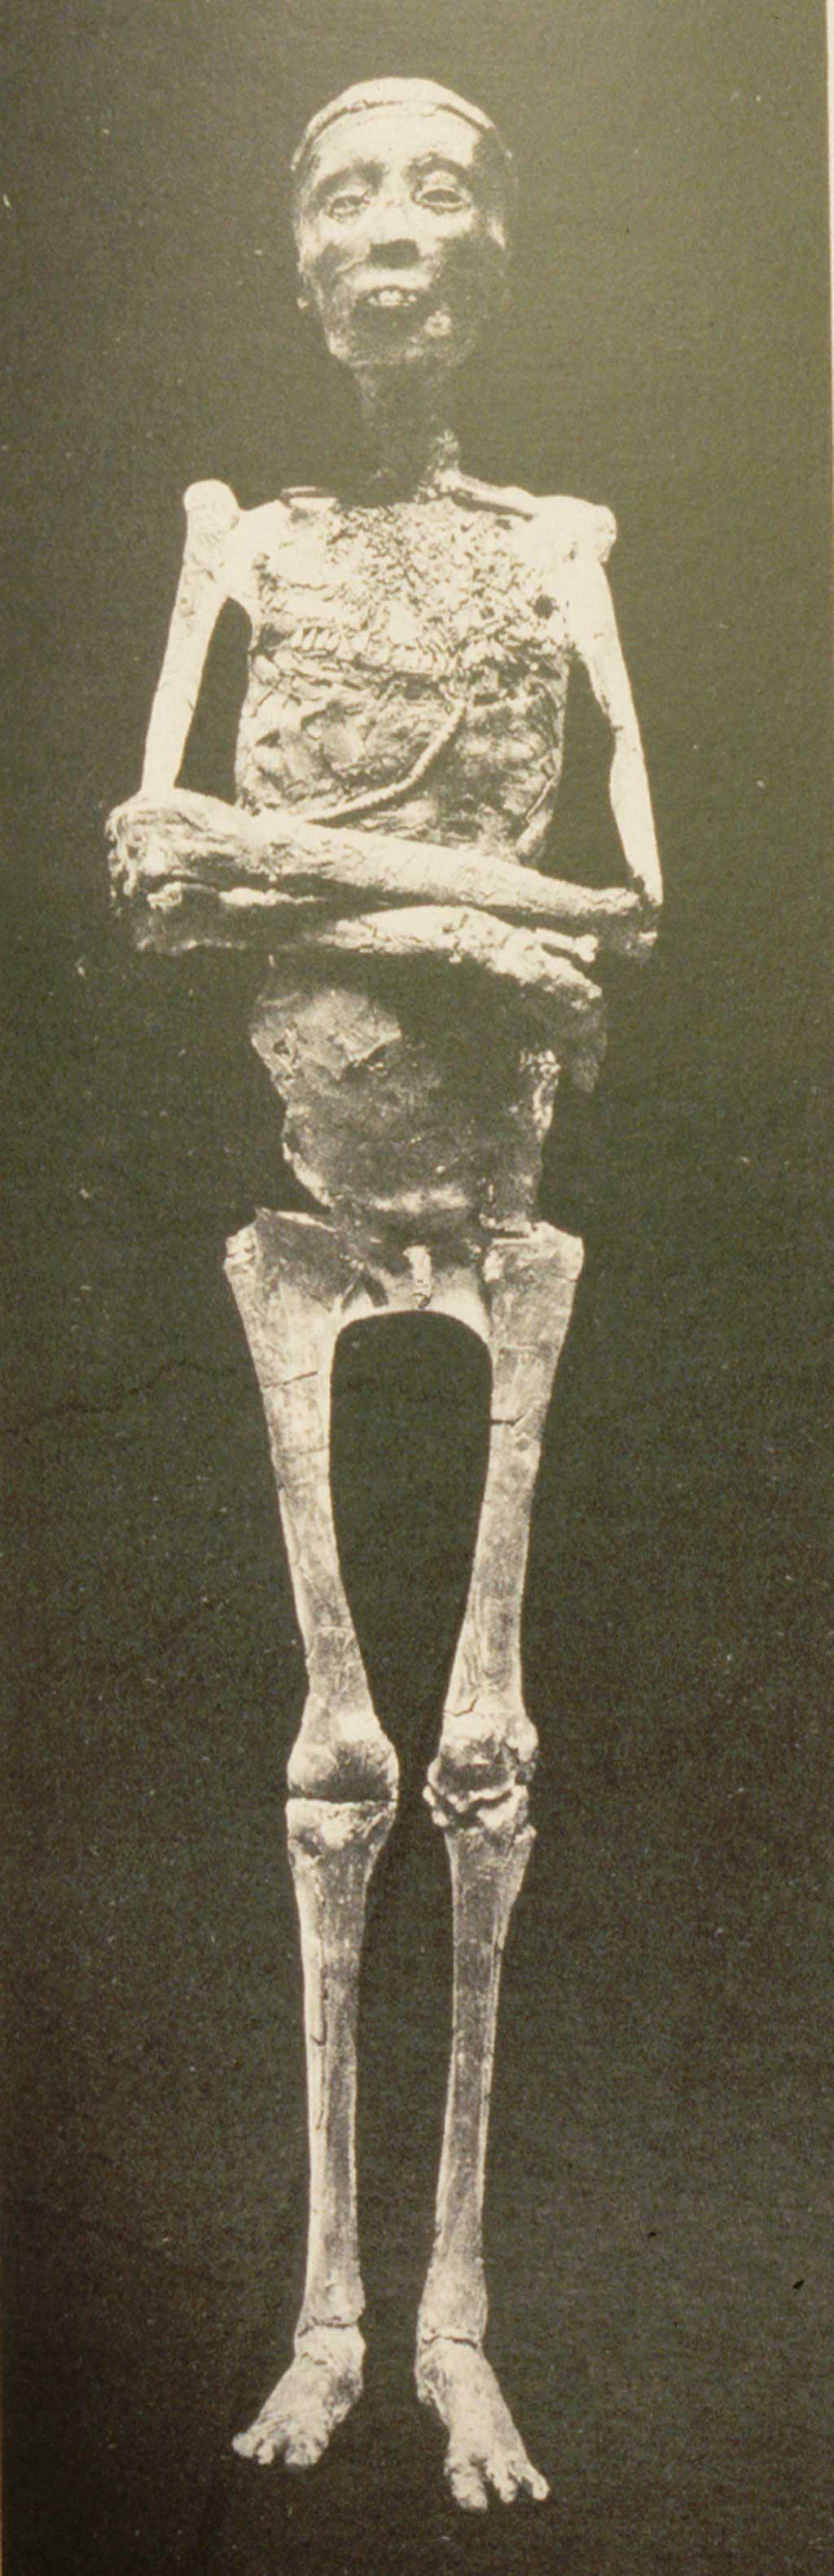 King Tut - Mummy